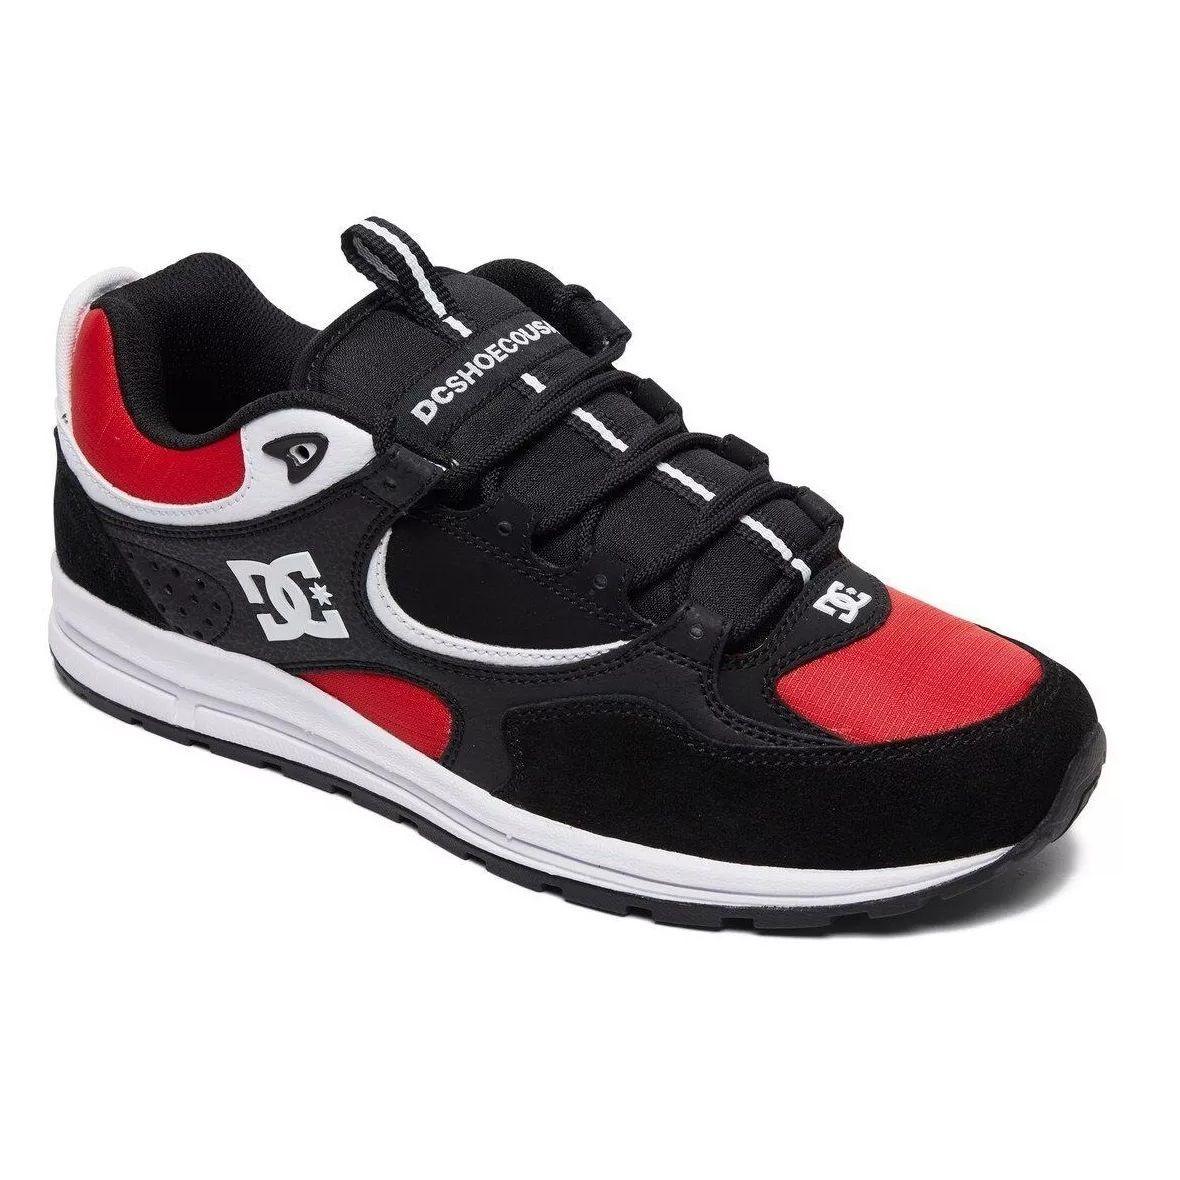 Tênis DC Shoes Kalis Lite Imp Black White Red